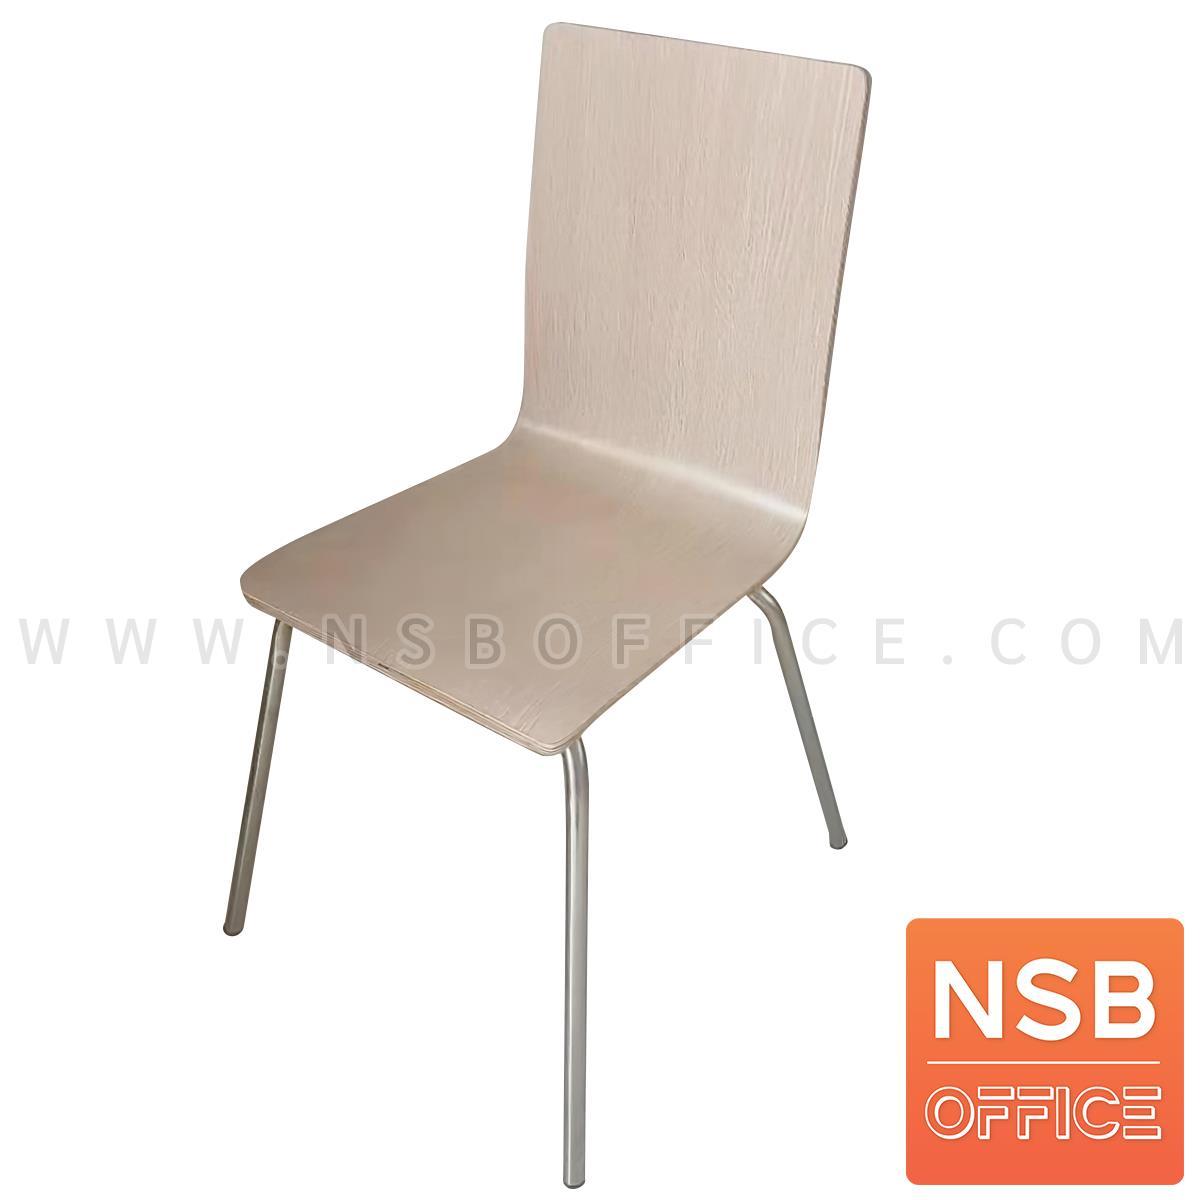 B20A114:เก้าอี้อเนกประสงค์ไม้วีเนียร์ดัด  รุ่น Mulrow (มัลโรว์) ขนาด 85H cm. ขาสเตนเลส